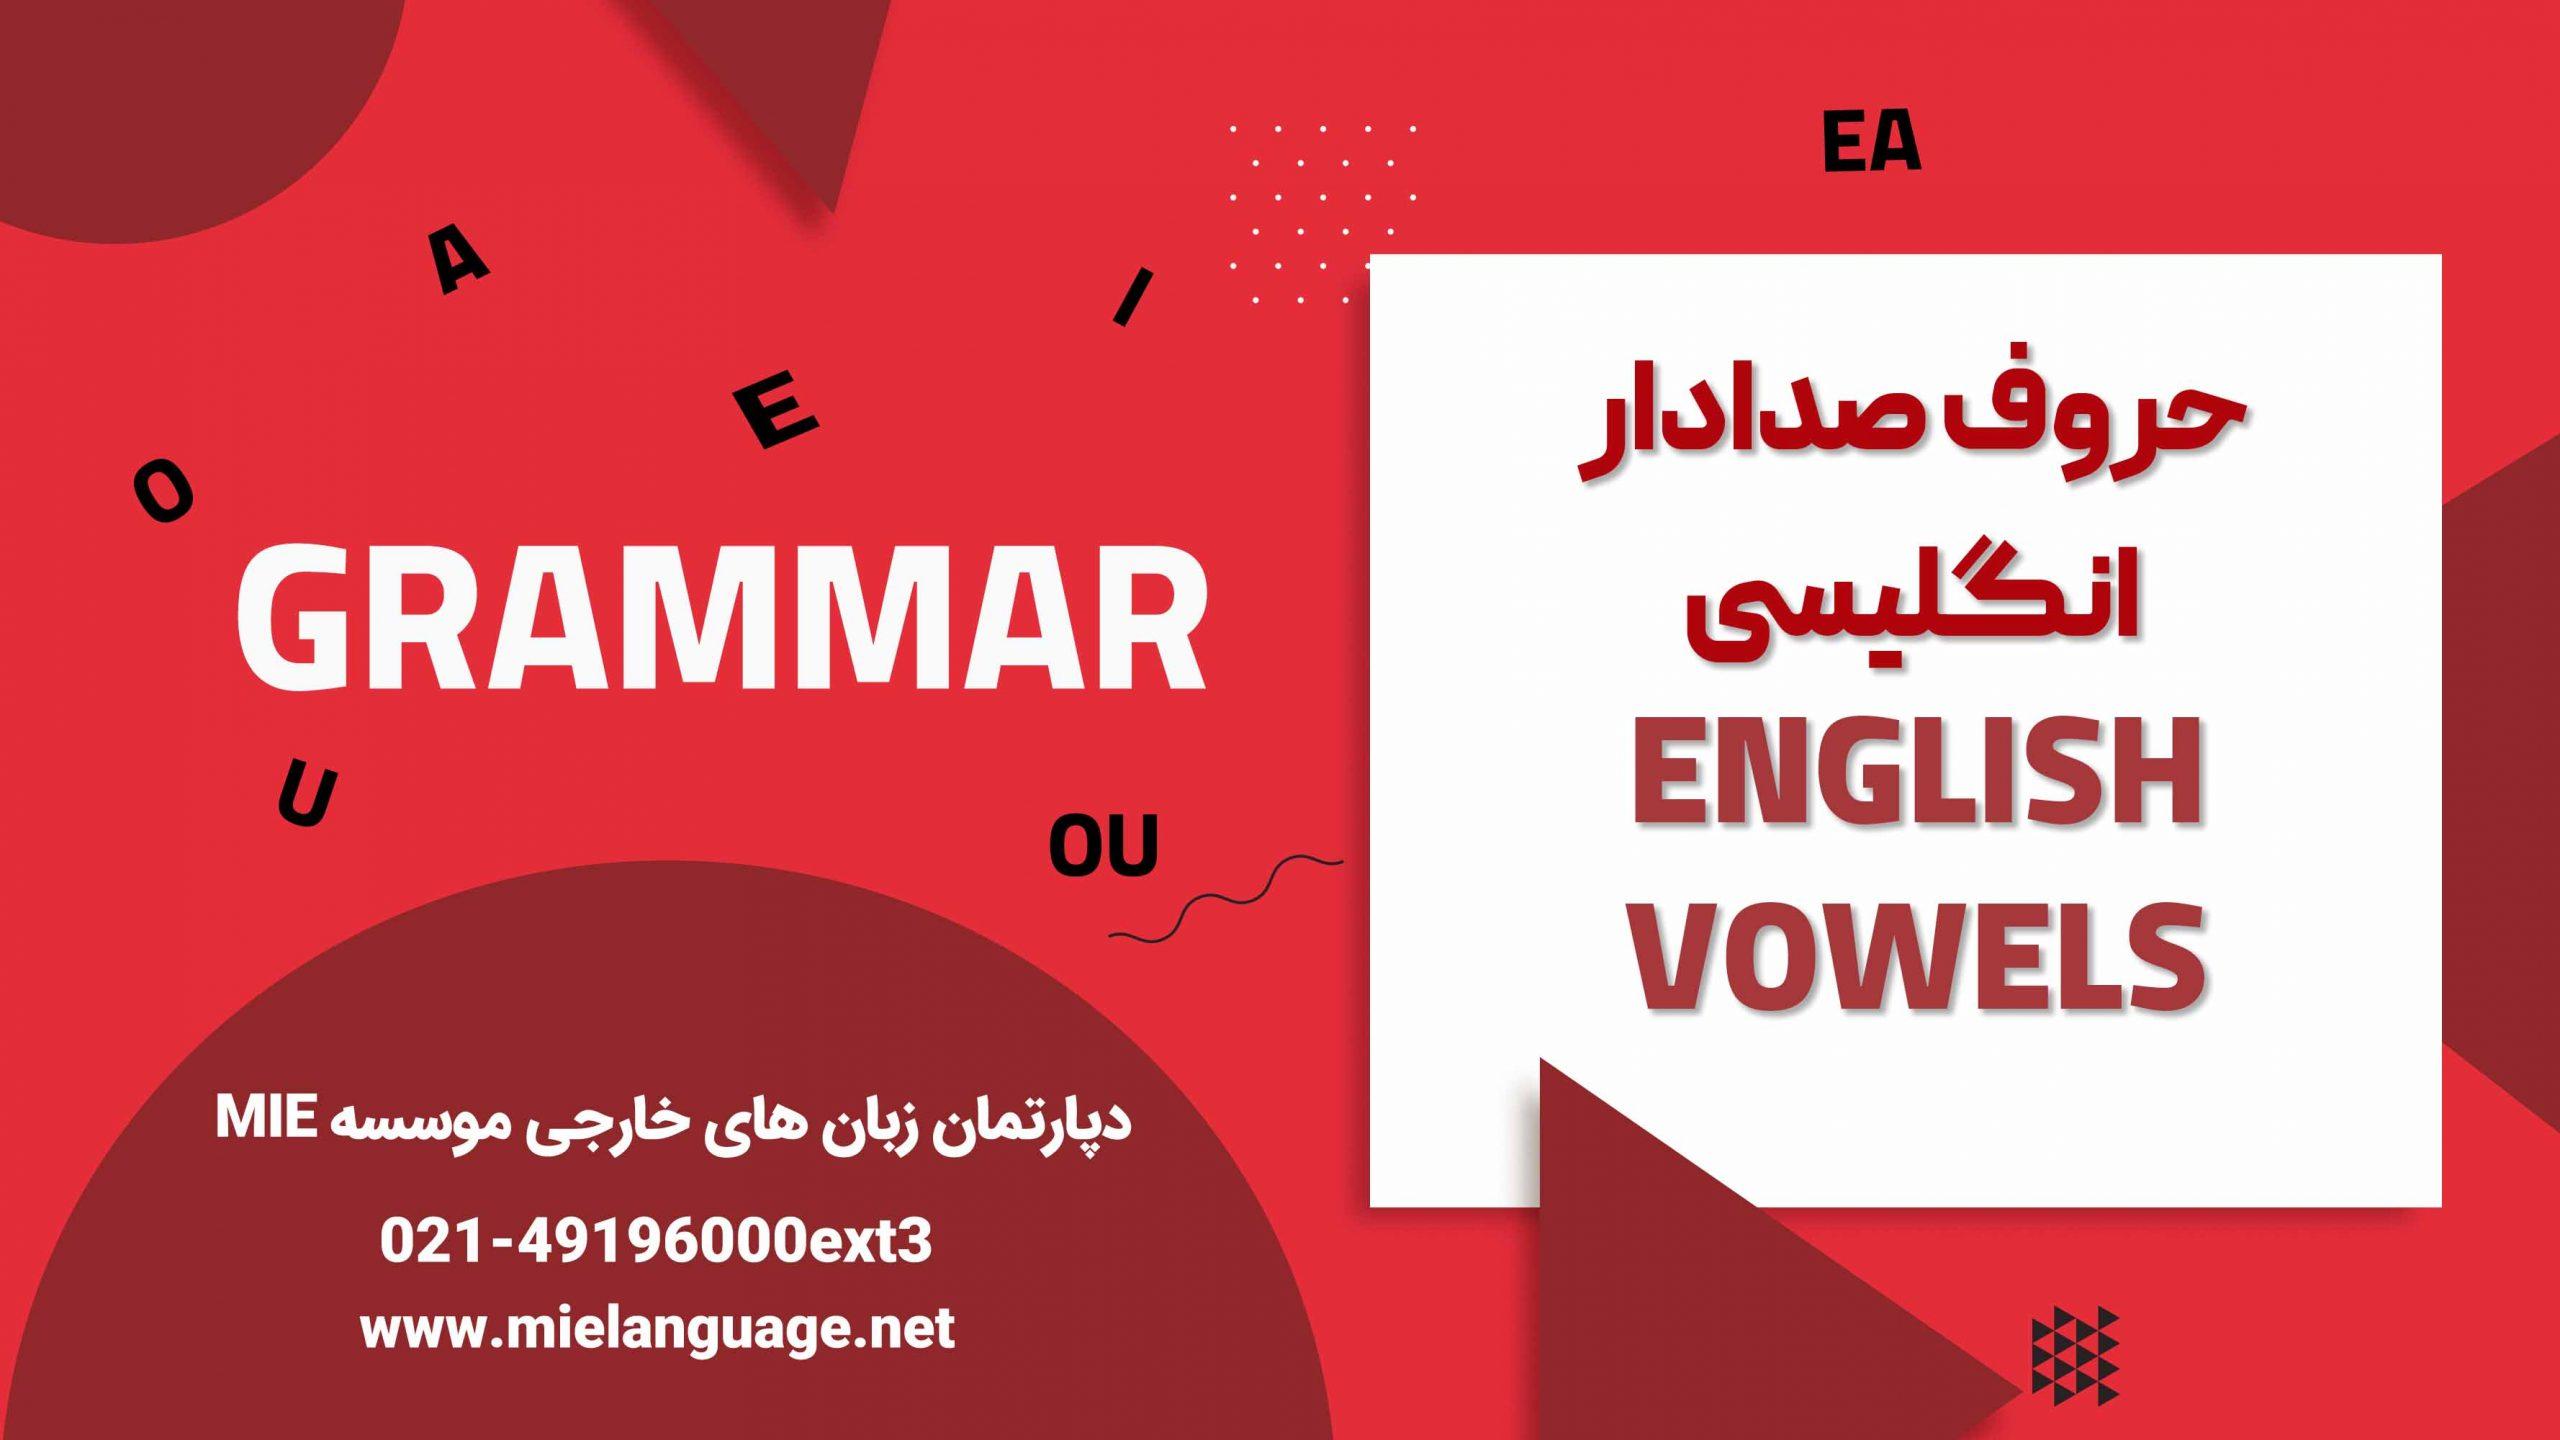 ساده ترین روش یادگیری حروف صدادار انگلیسی (English vowels)